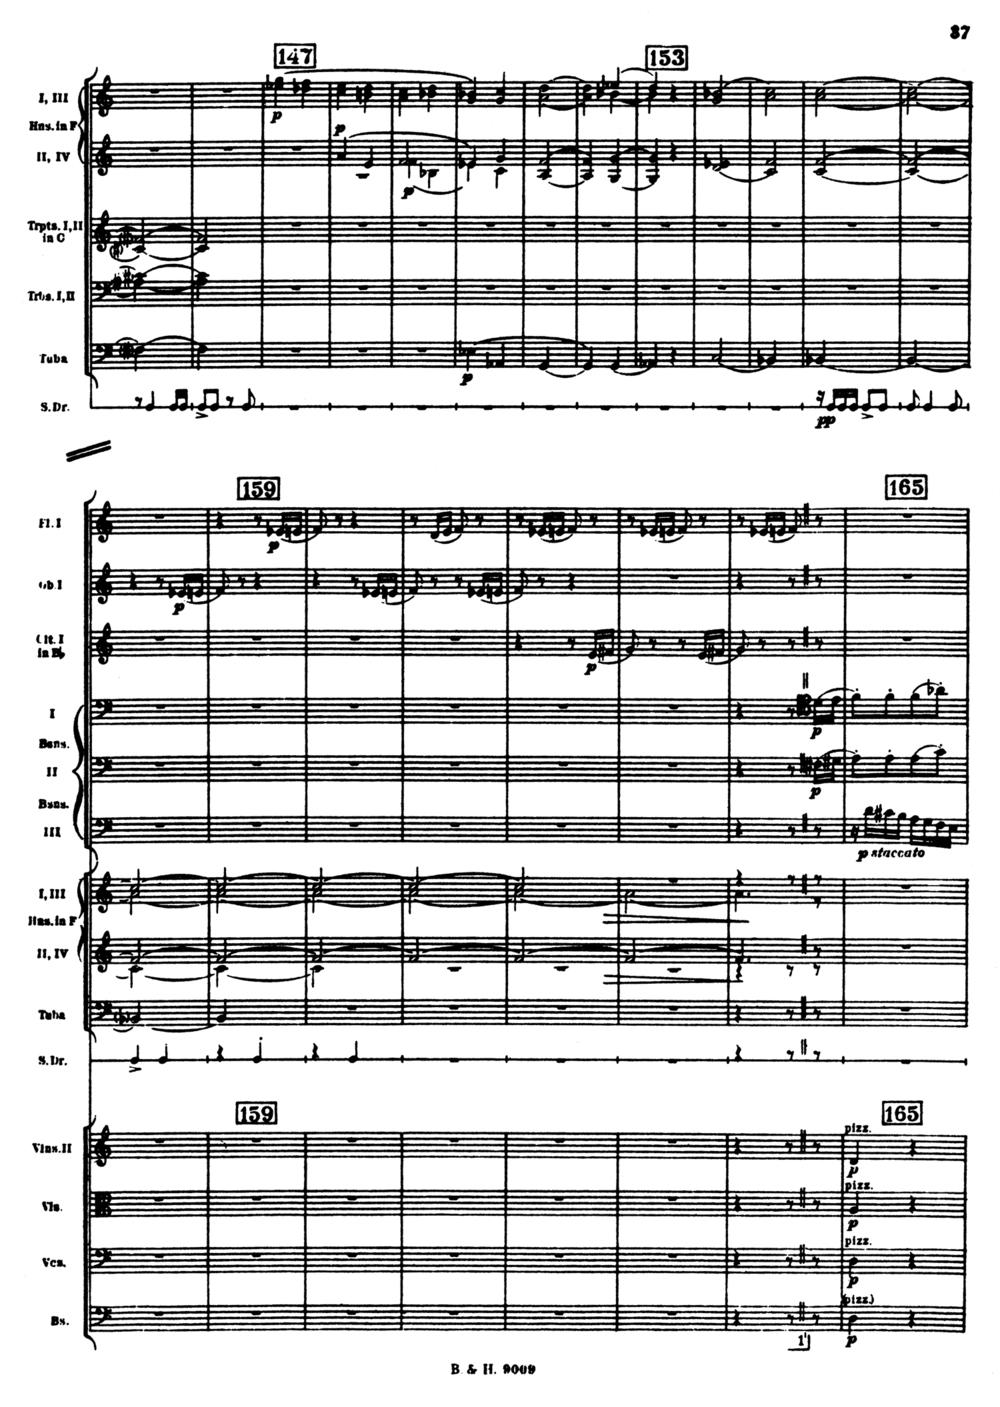 Bartok Score 2.jpg